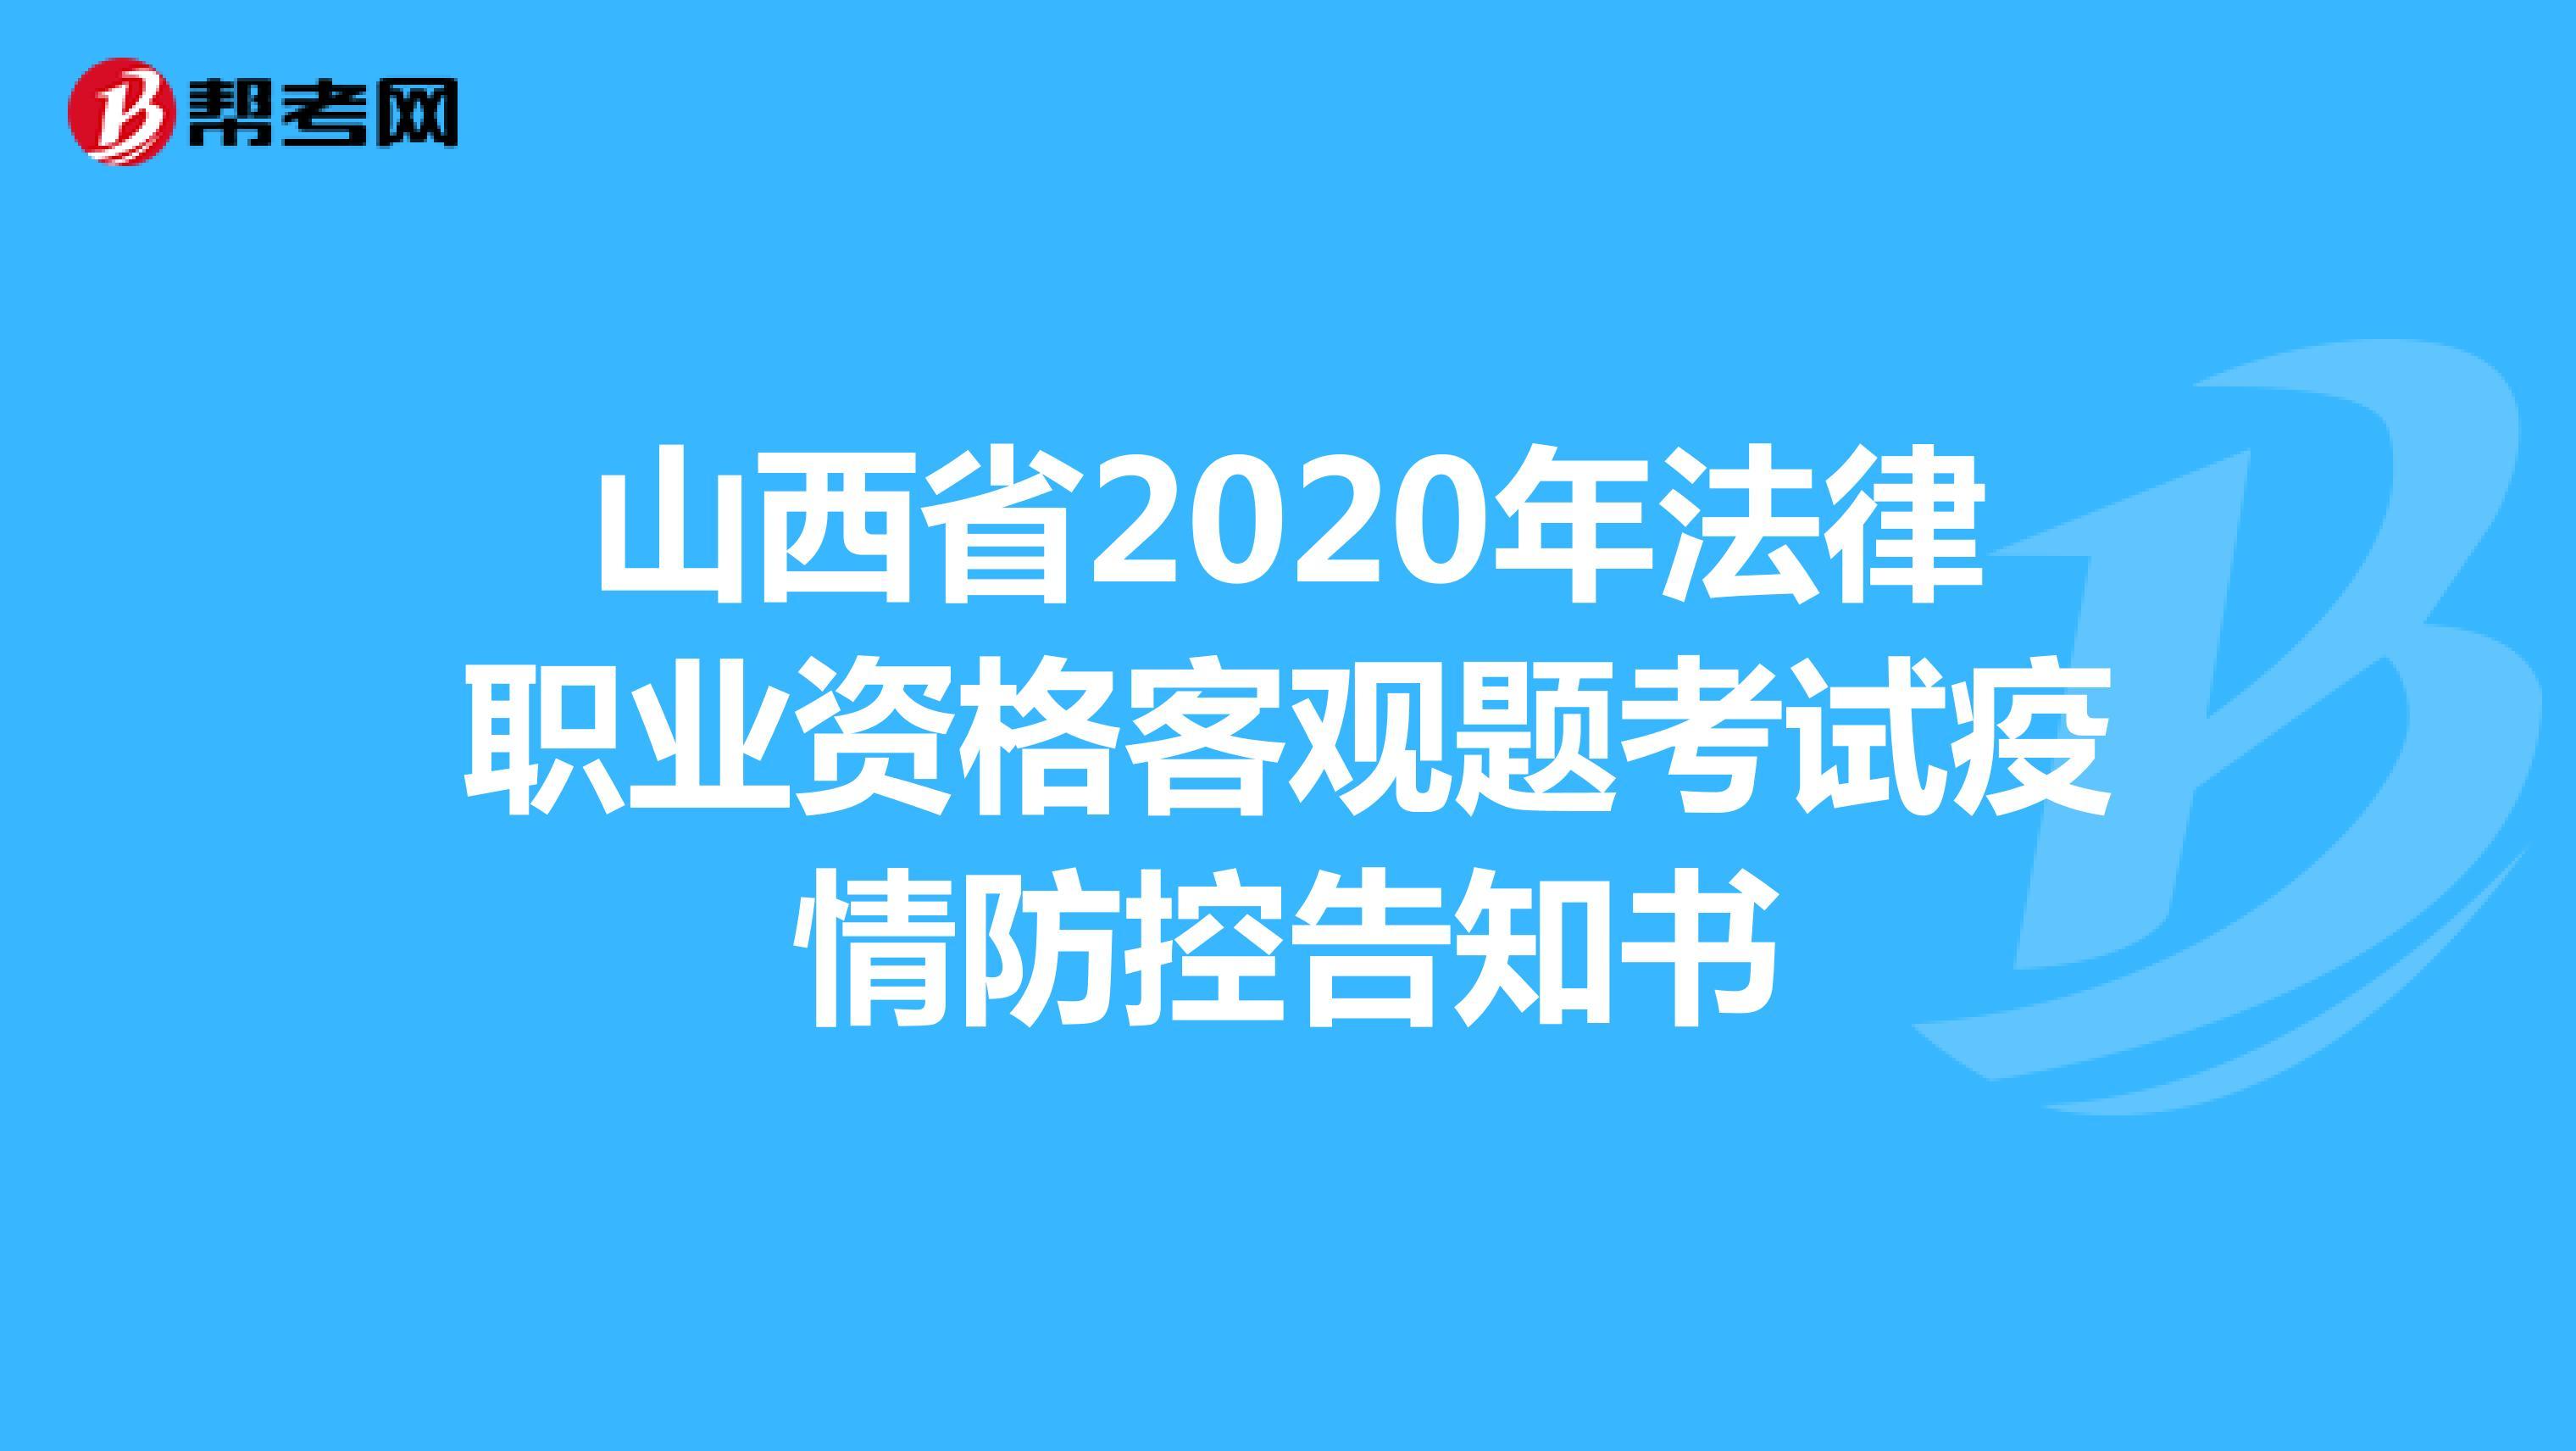 山西省2020年法律职业资格客观题考试疫情防控告知书